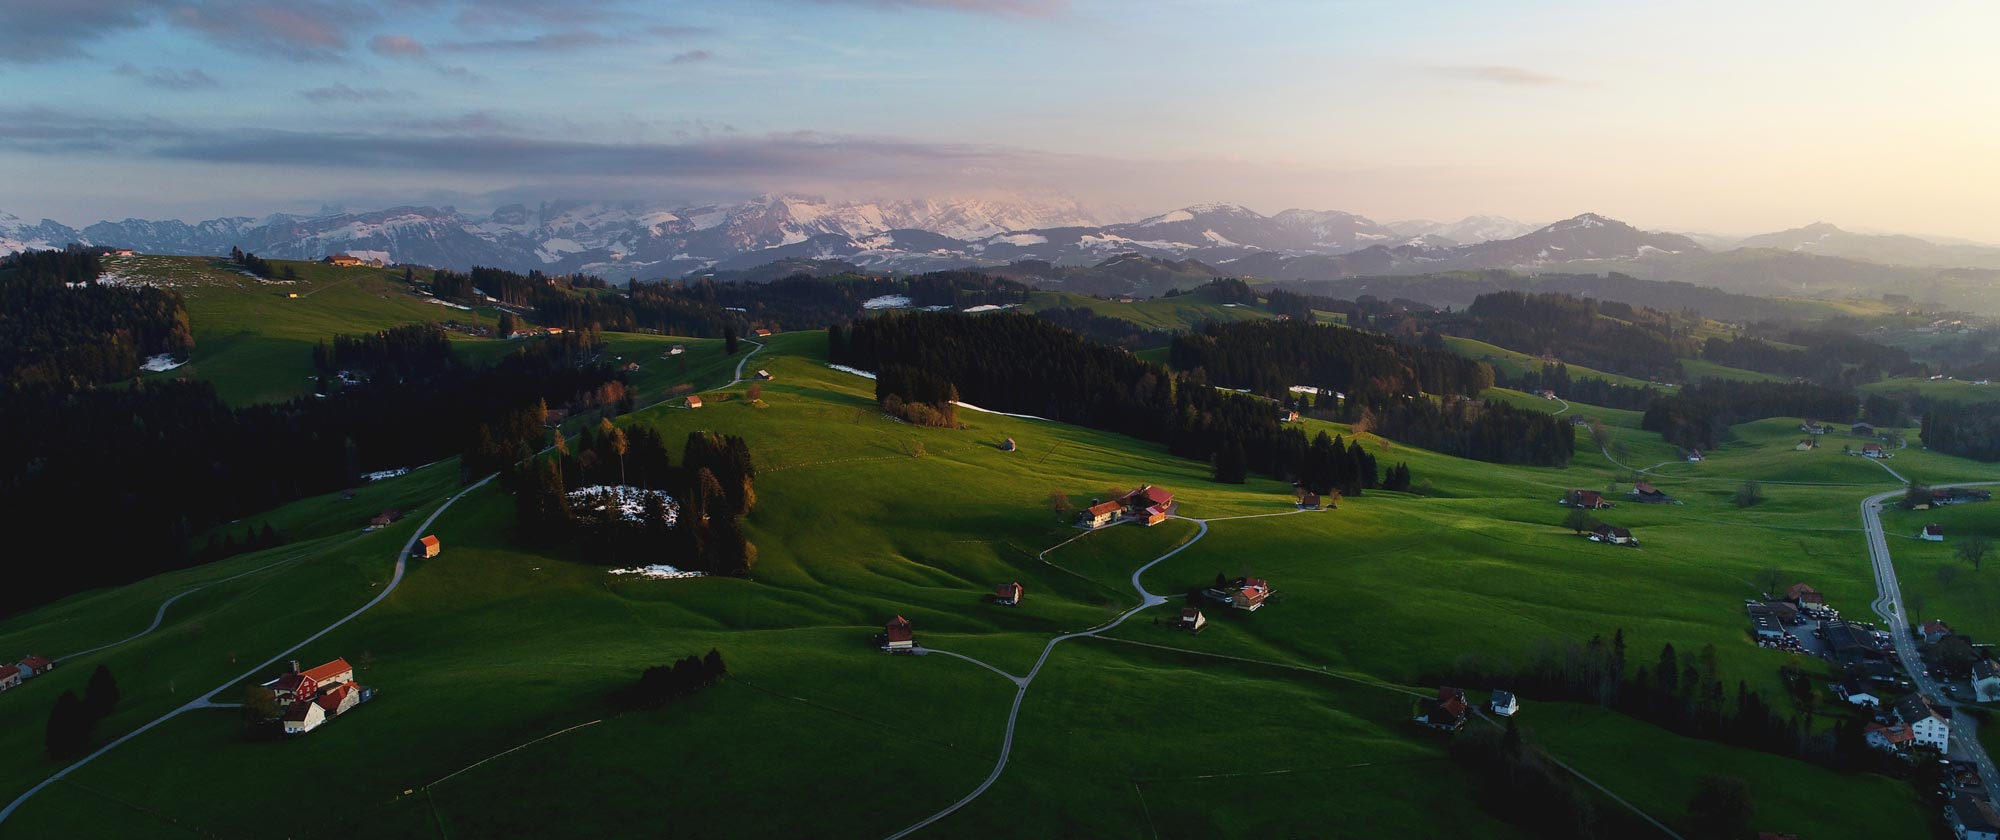 Speicher Landscape, Drohnen-Fotografie, Luftaufnahme